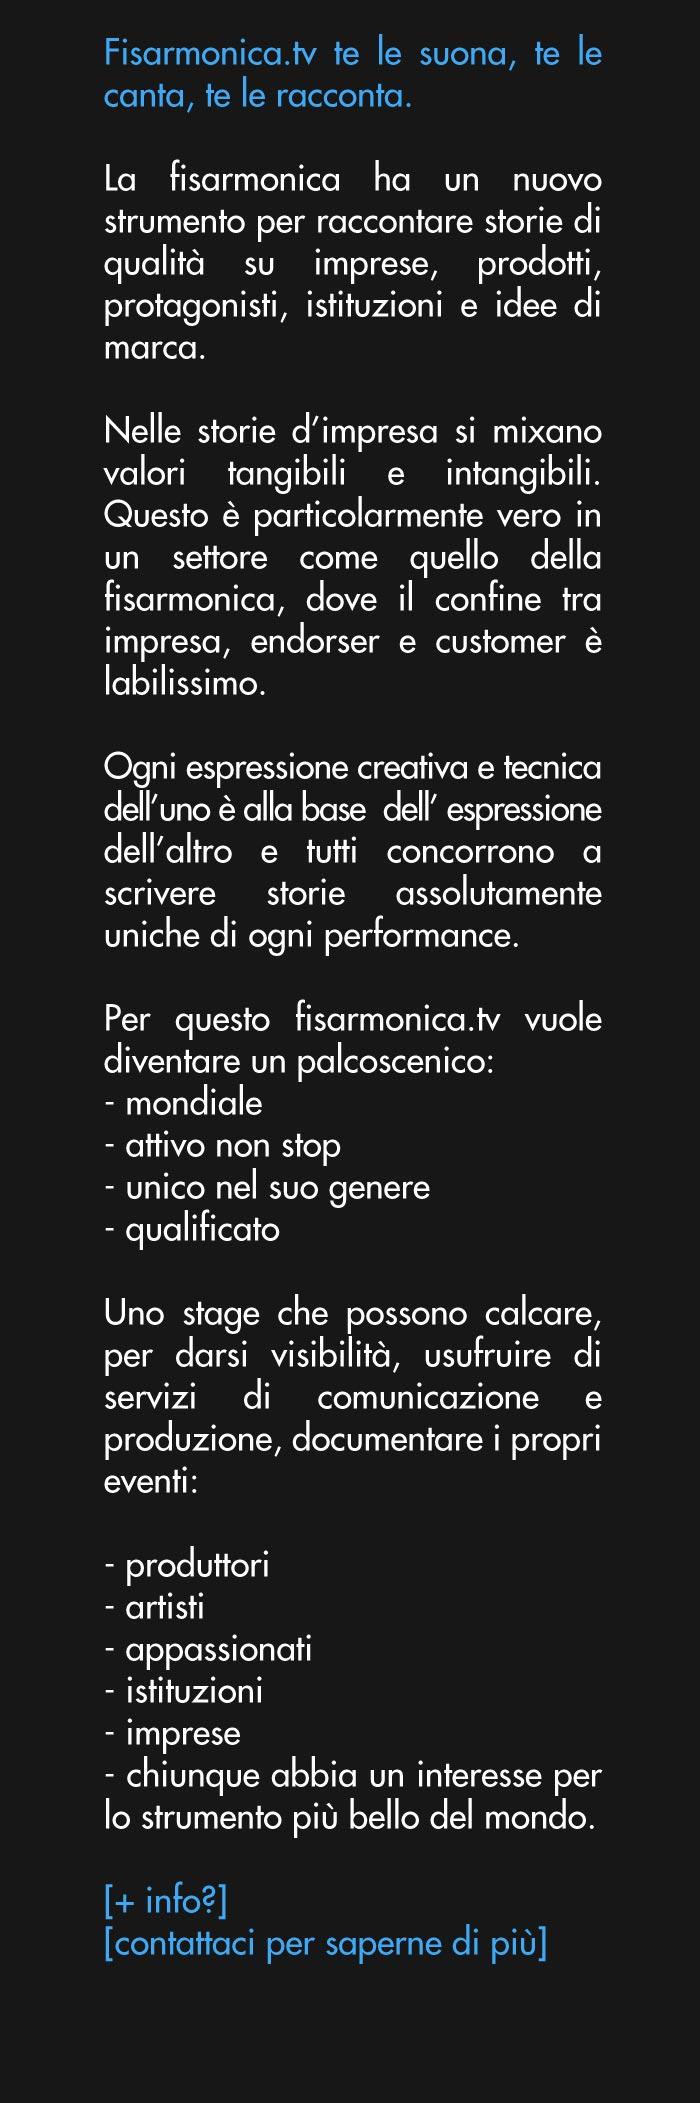 FTV-menu-2015-cosa